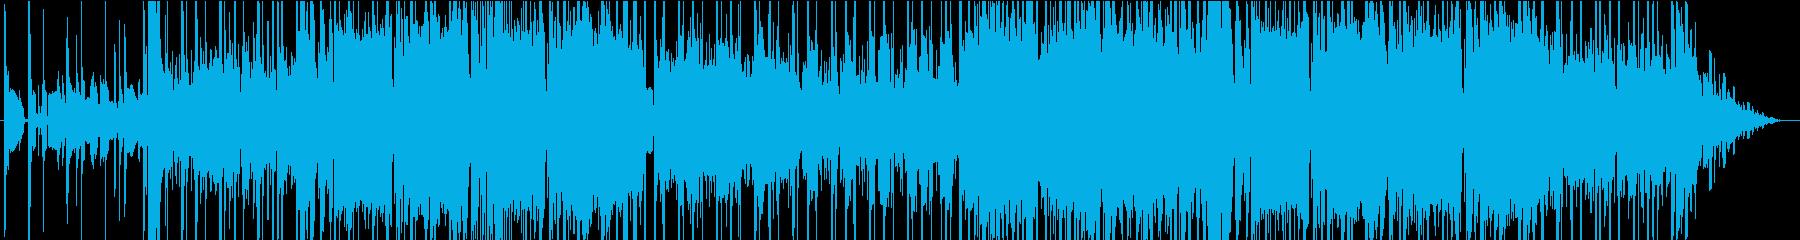 アコーディオンのLofihiphopの再生済みの波形